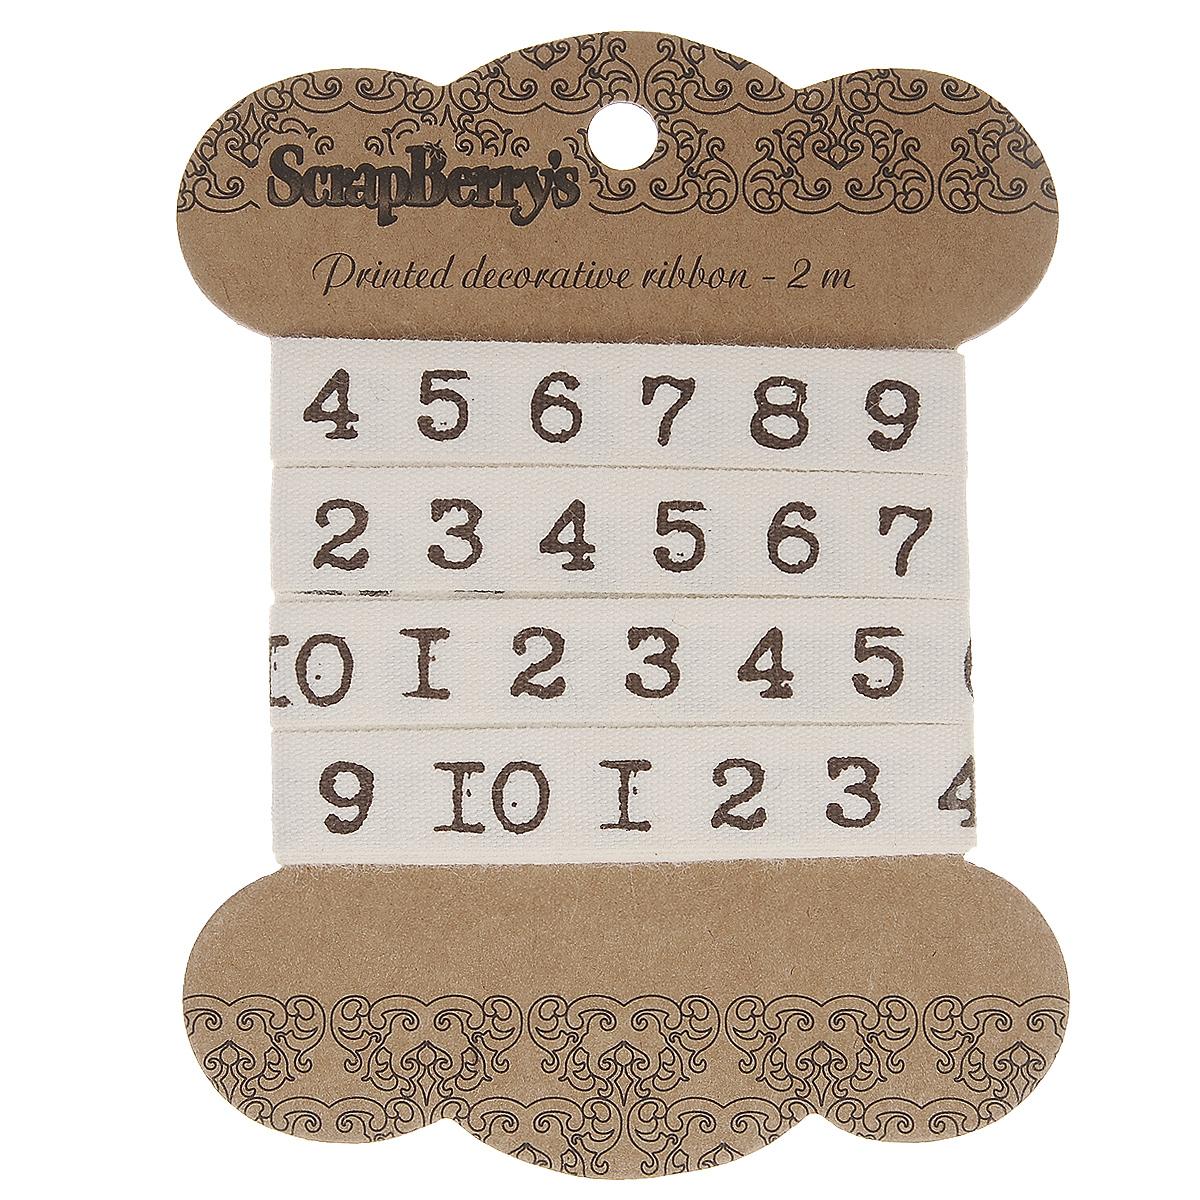 Лента декоративная ScrapBerrys Цифры печатная машинка, 1 х 200 смSCB390311Декоративная лента ScrapBerrys Цифры печатная машинка изготовлена из хлопка и оформлена изображением цифр. Такая лента идеально подойдет для оформления различных творческих работ таких, как скрапбукинг, аппликация, декор коробок и открыток и многое другое. Лента наивысшего качества практична в использовании. Она станет незаменимым элементом в создании рукотворного шедевра. Ширина: 1 см.Длина: 2 м.